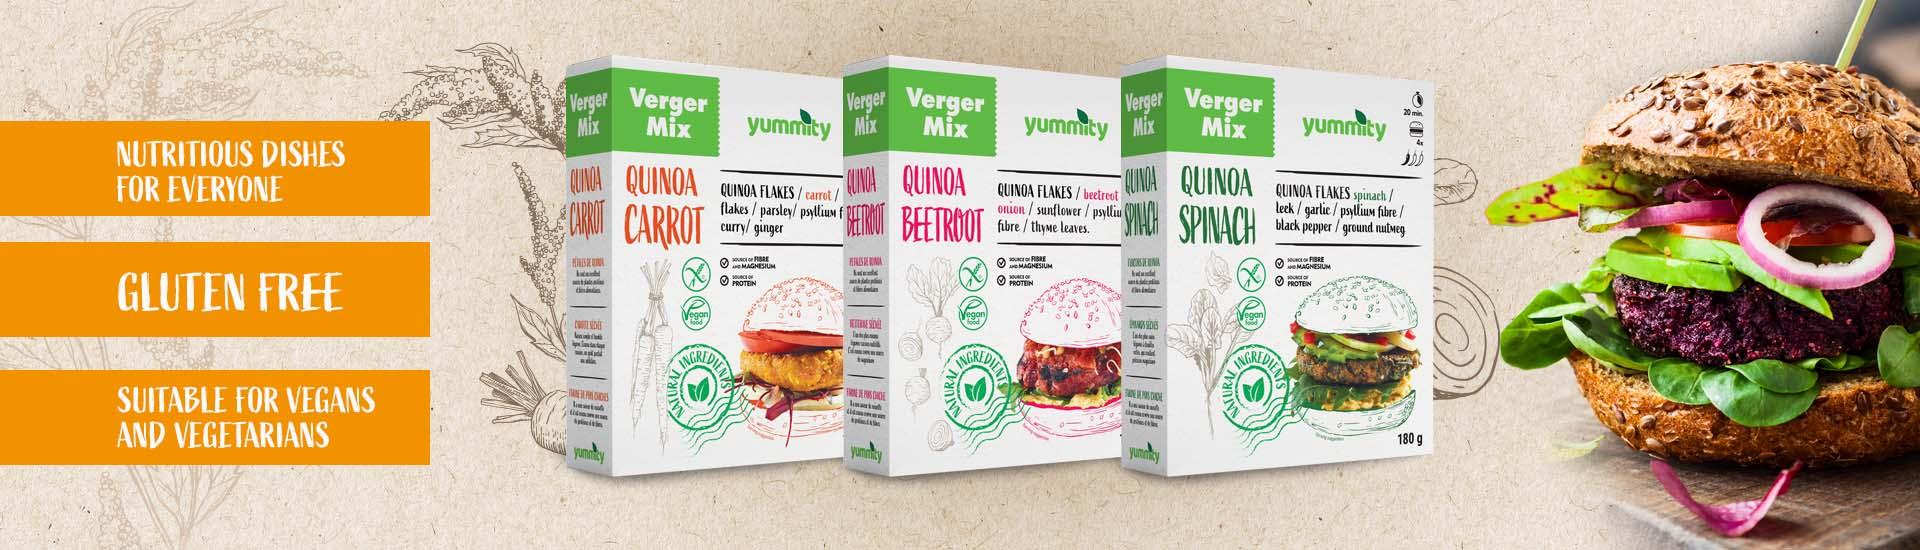 gluten free vergers yummity